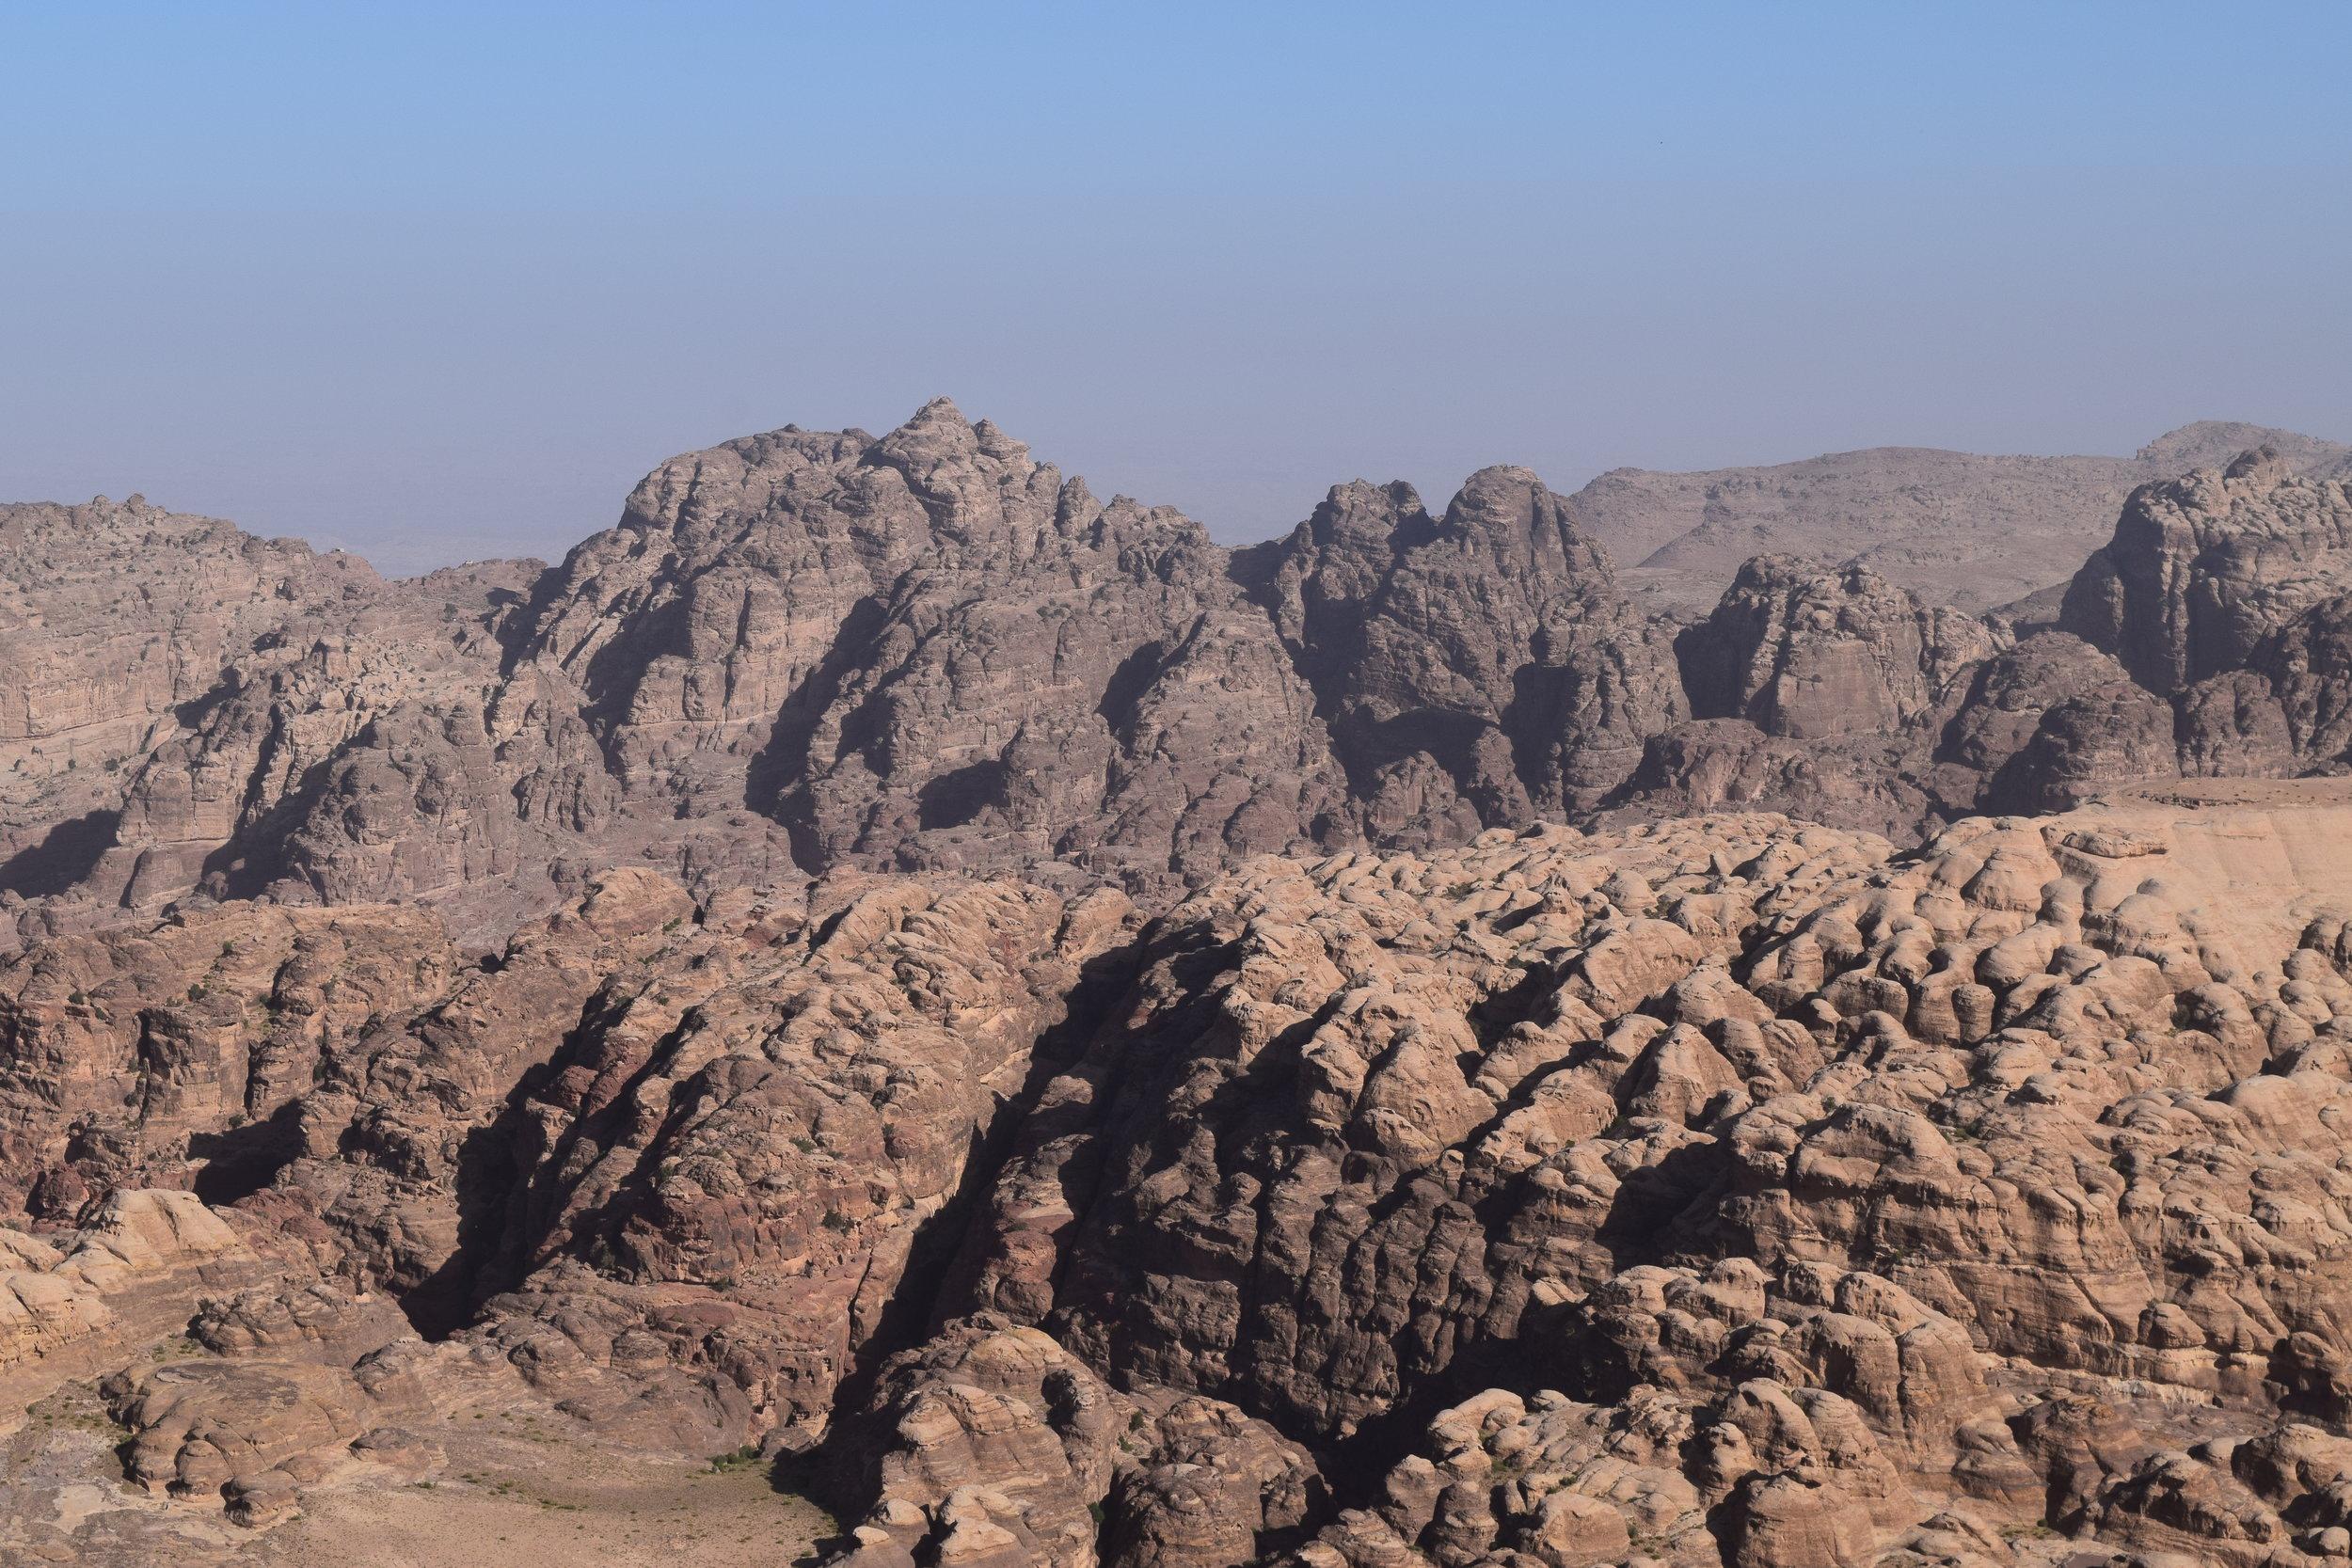 Mountains hiding the ruins of Petra